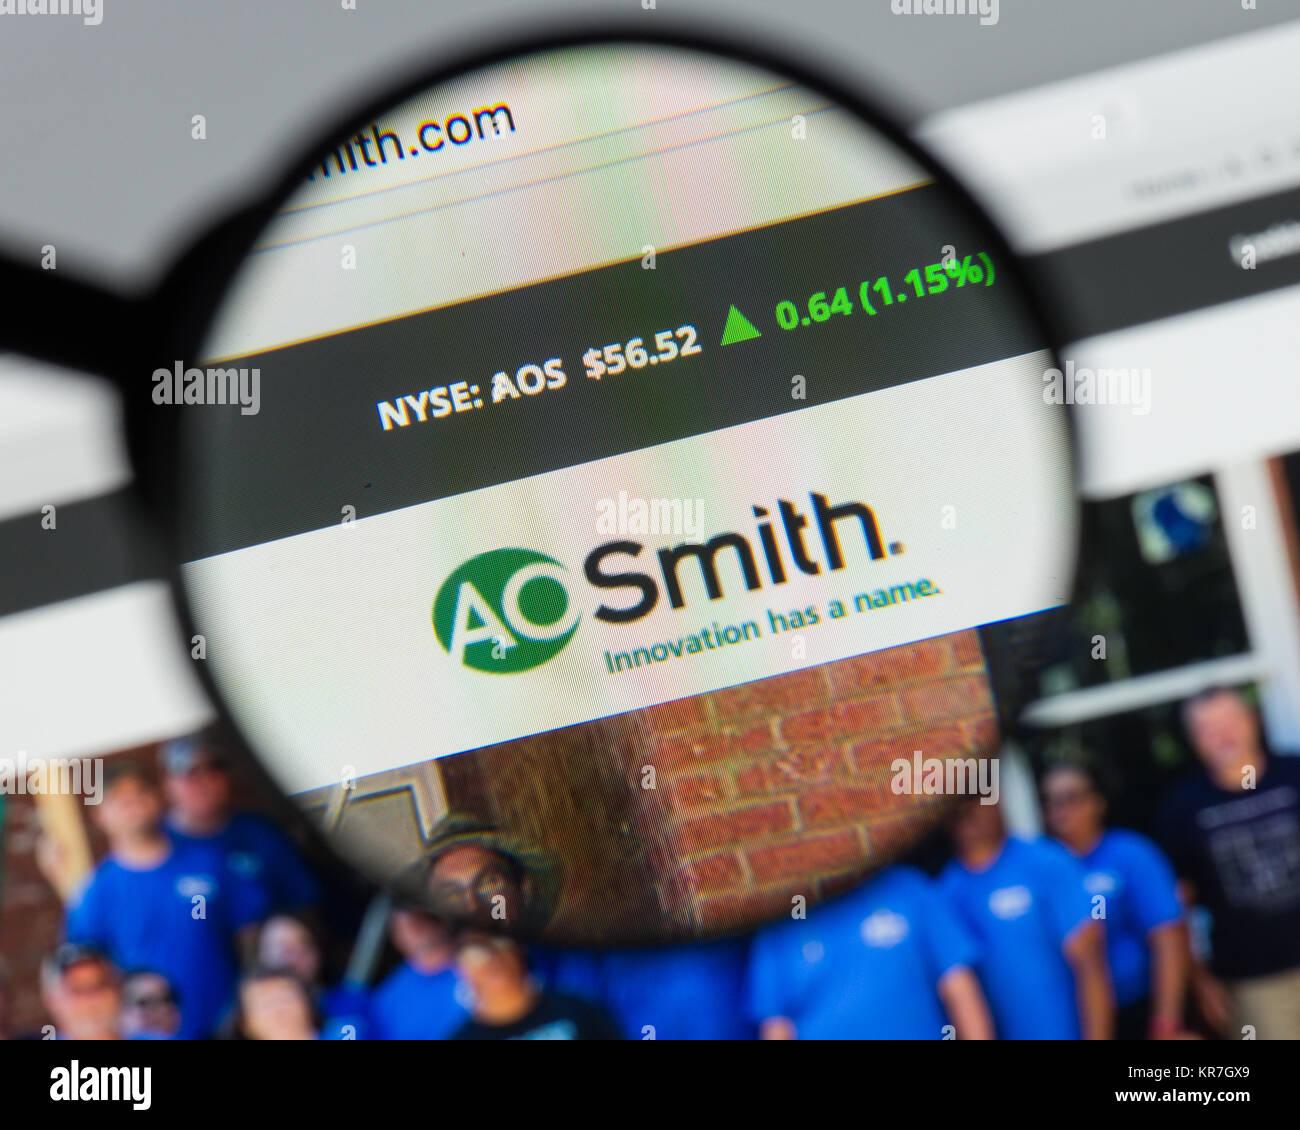 Milano, Italia - 10 agosto 2017: A.O.Smith website homepage. Si tratta di un produttore americano di sia residenziale Immagini Stock